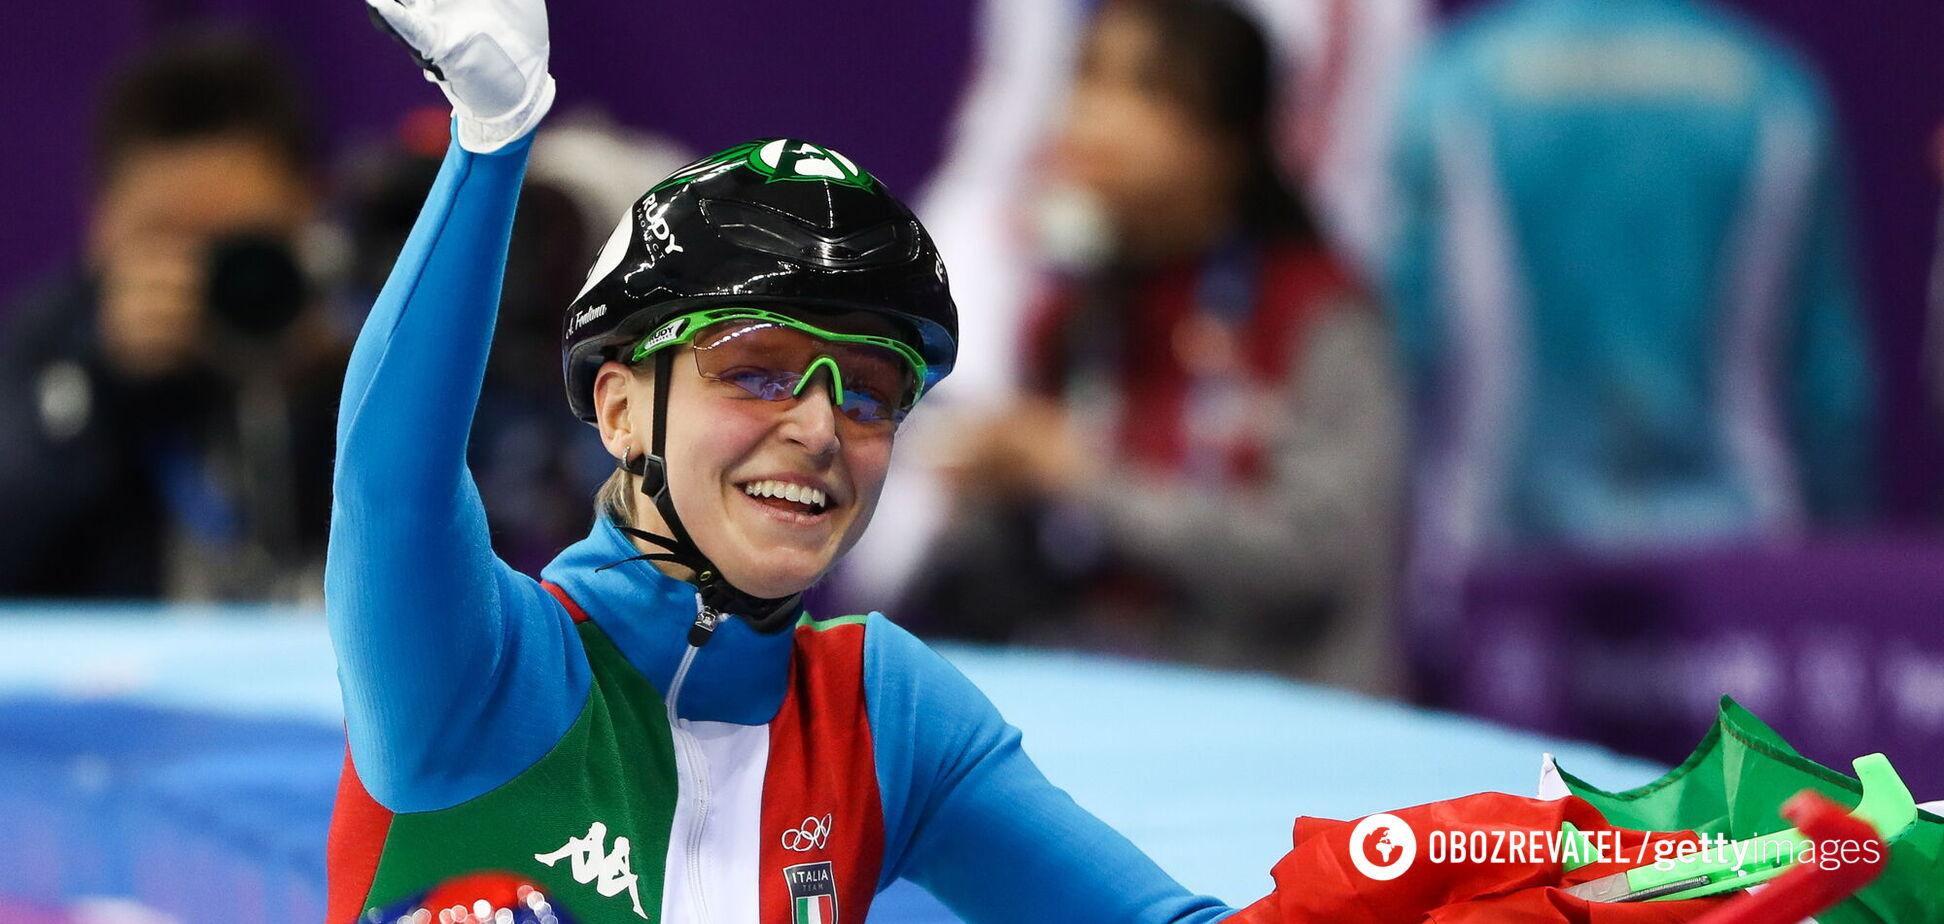 Итальянская спортсменка на ОИ-2018